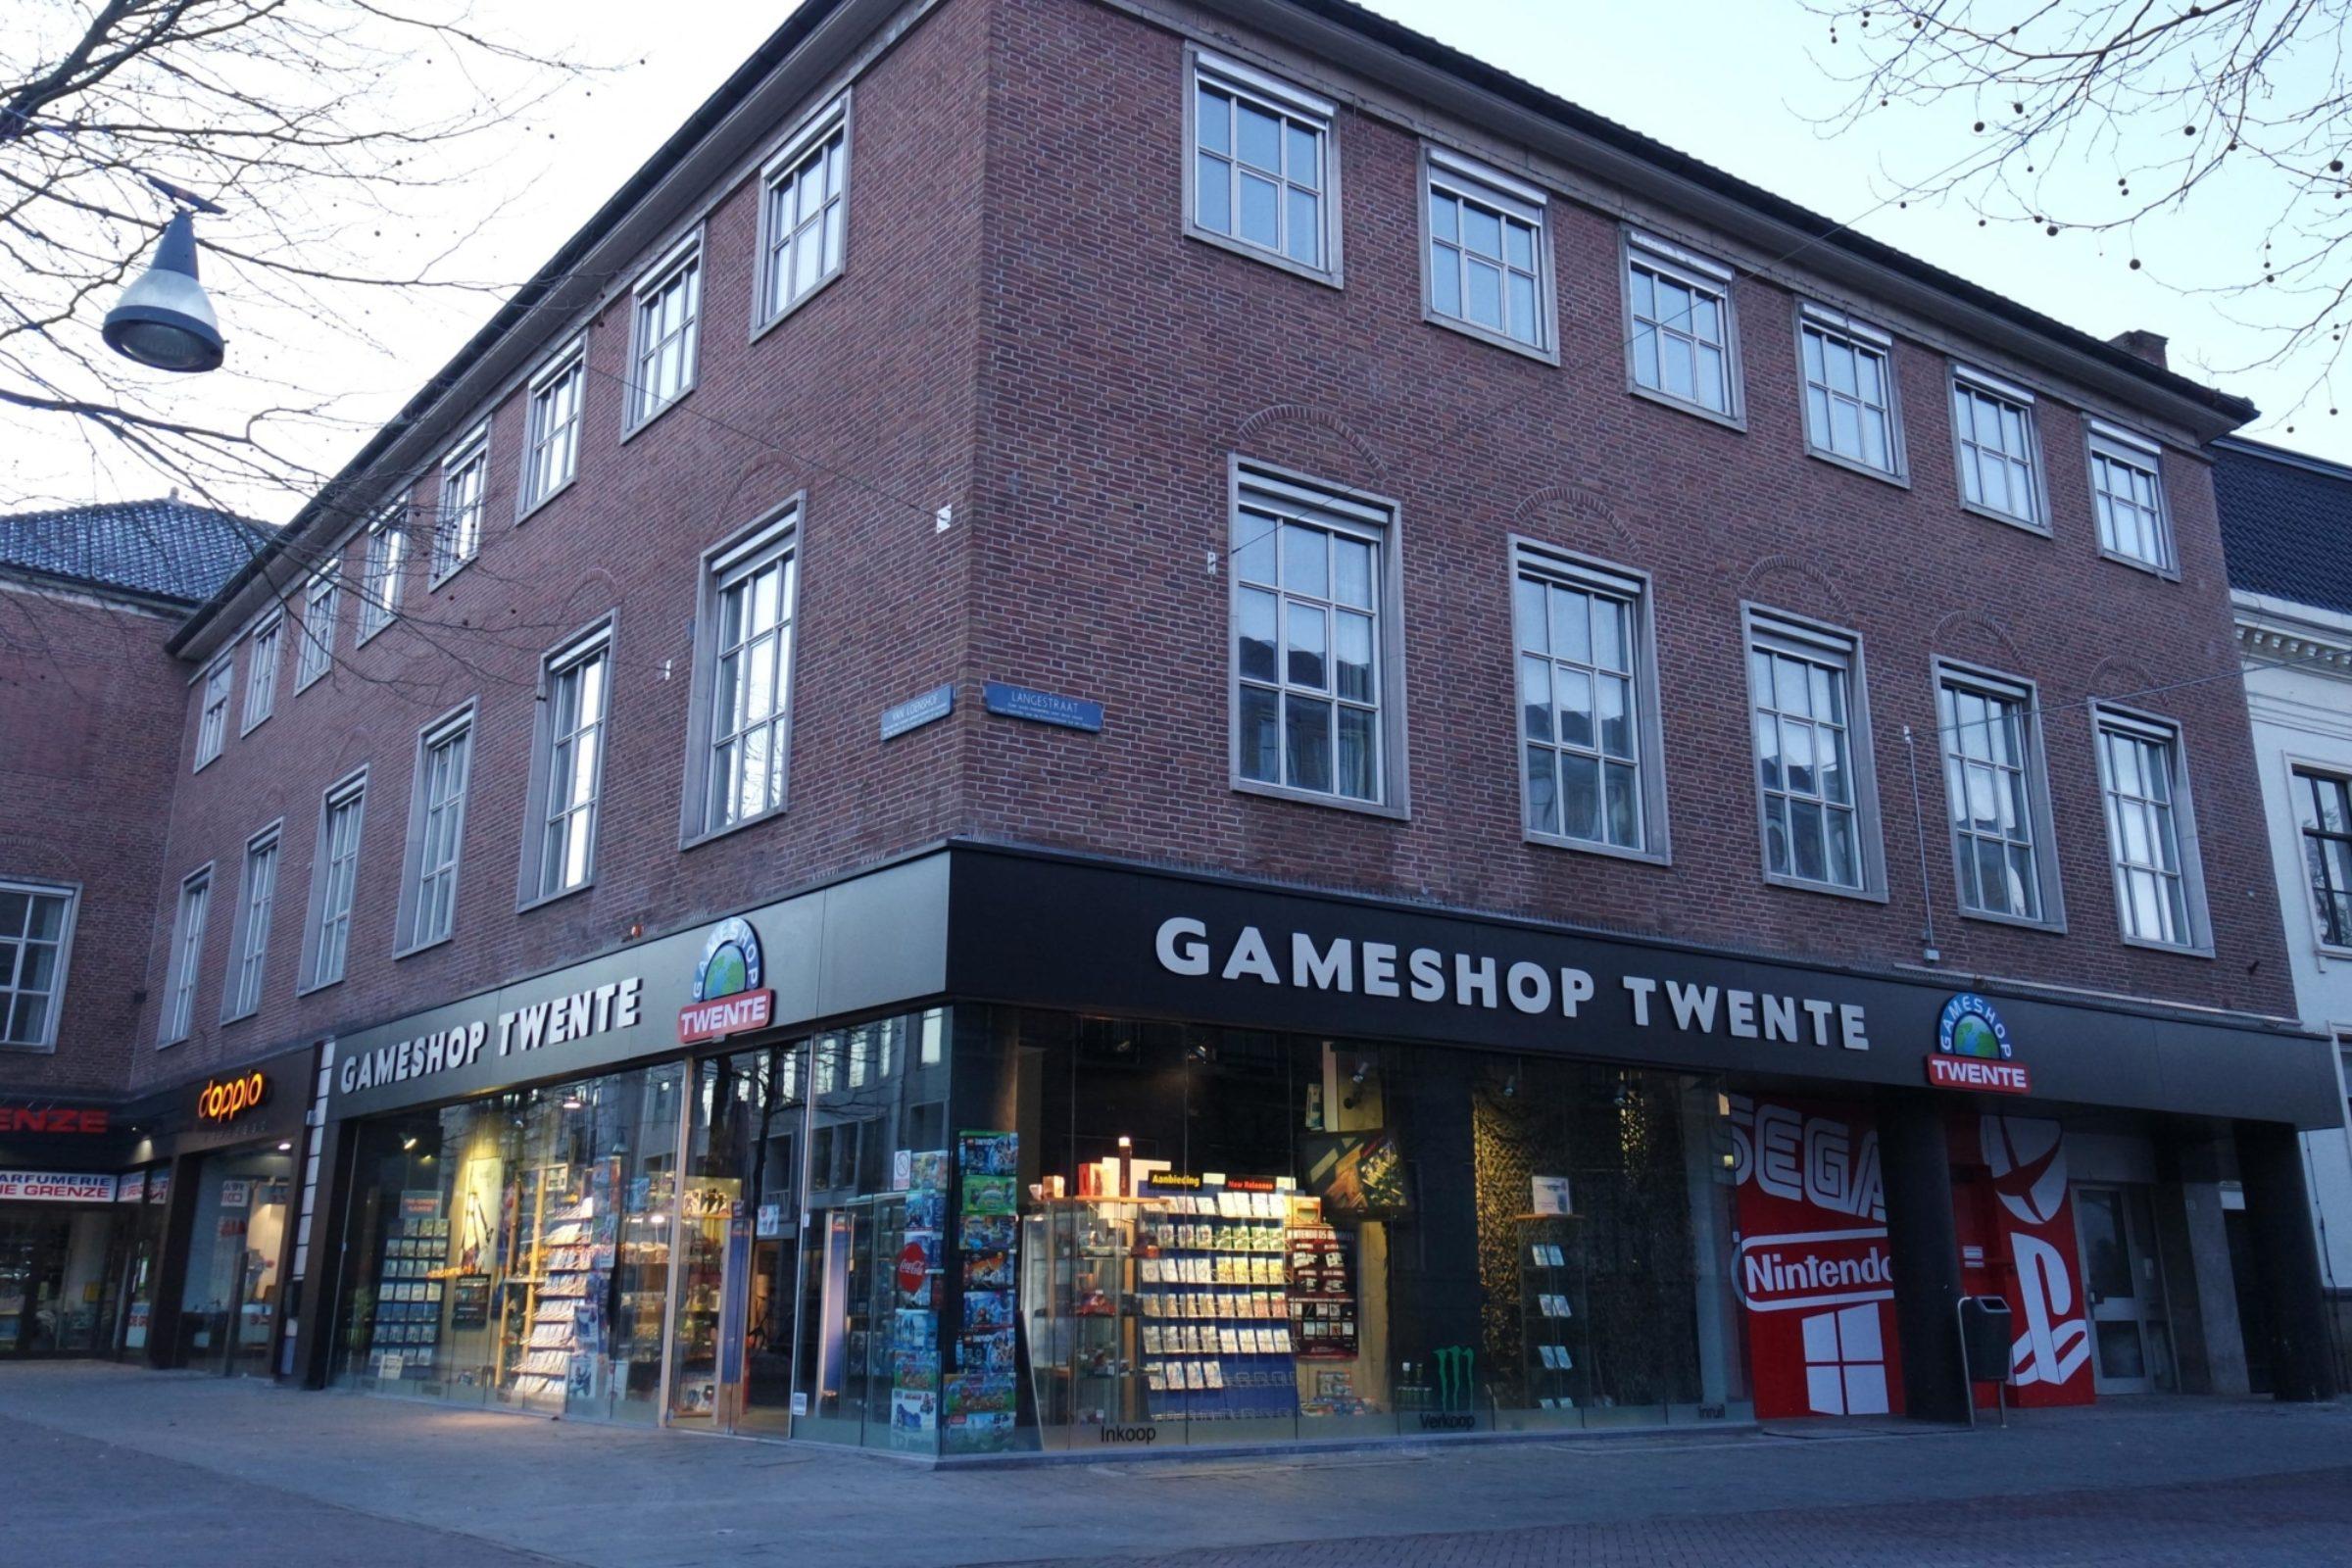 gameshop twente enschede